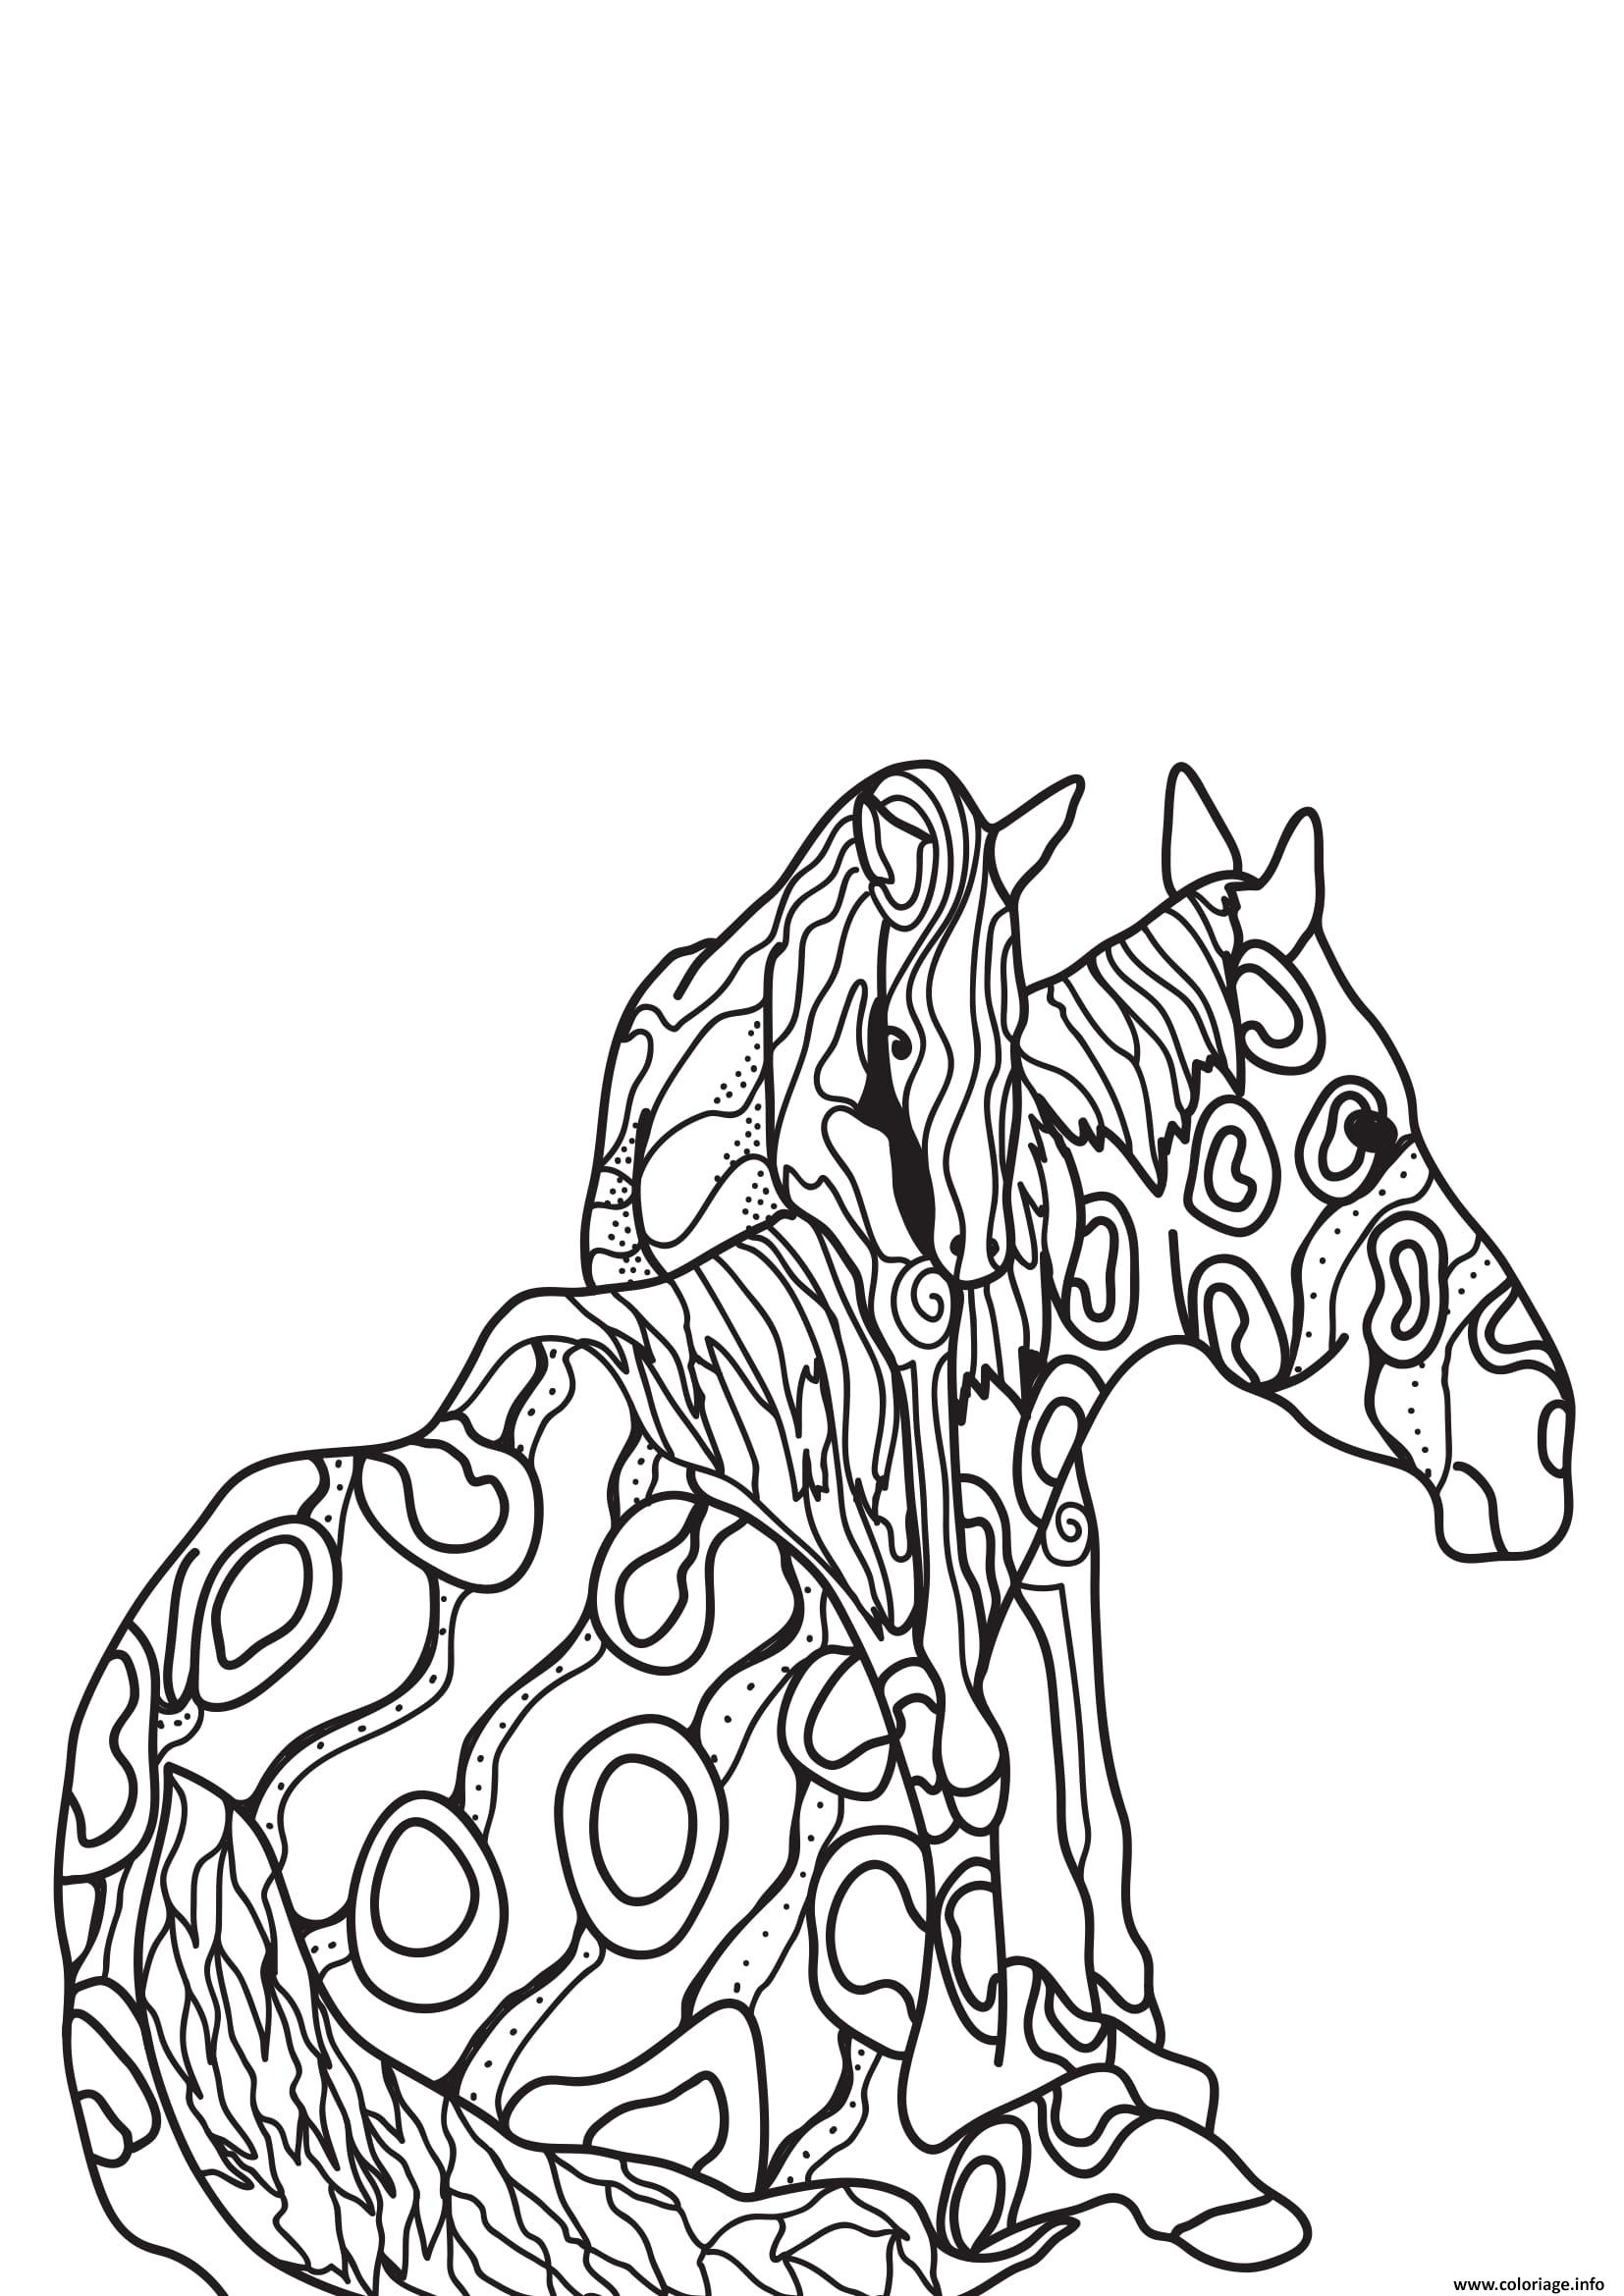 Meilleur de dessin a colorier en ligne de cheval - Coloriage en ligne cheval ...